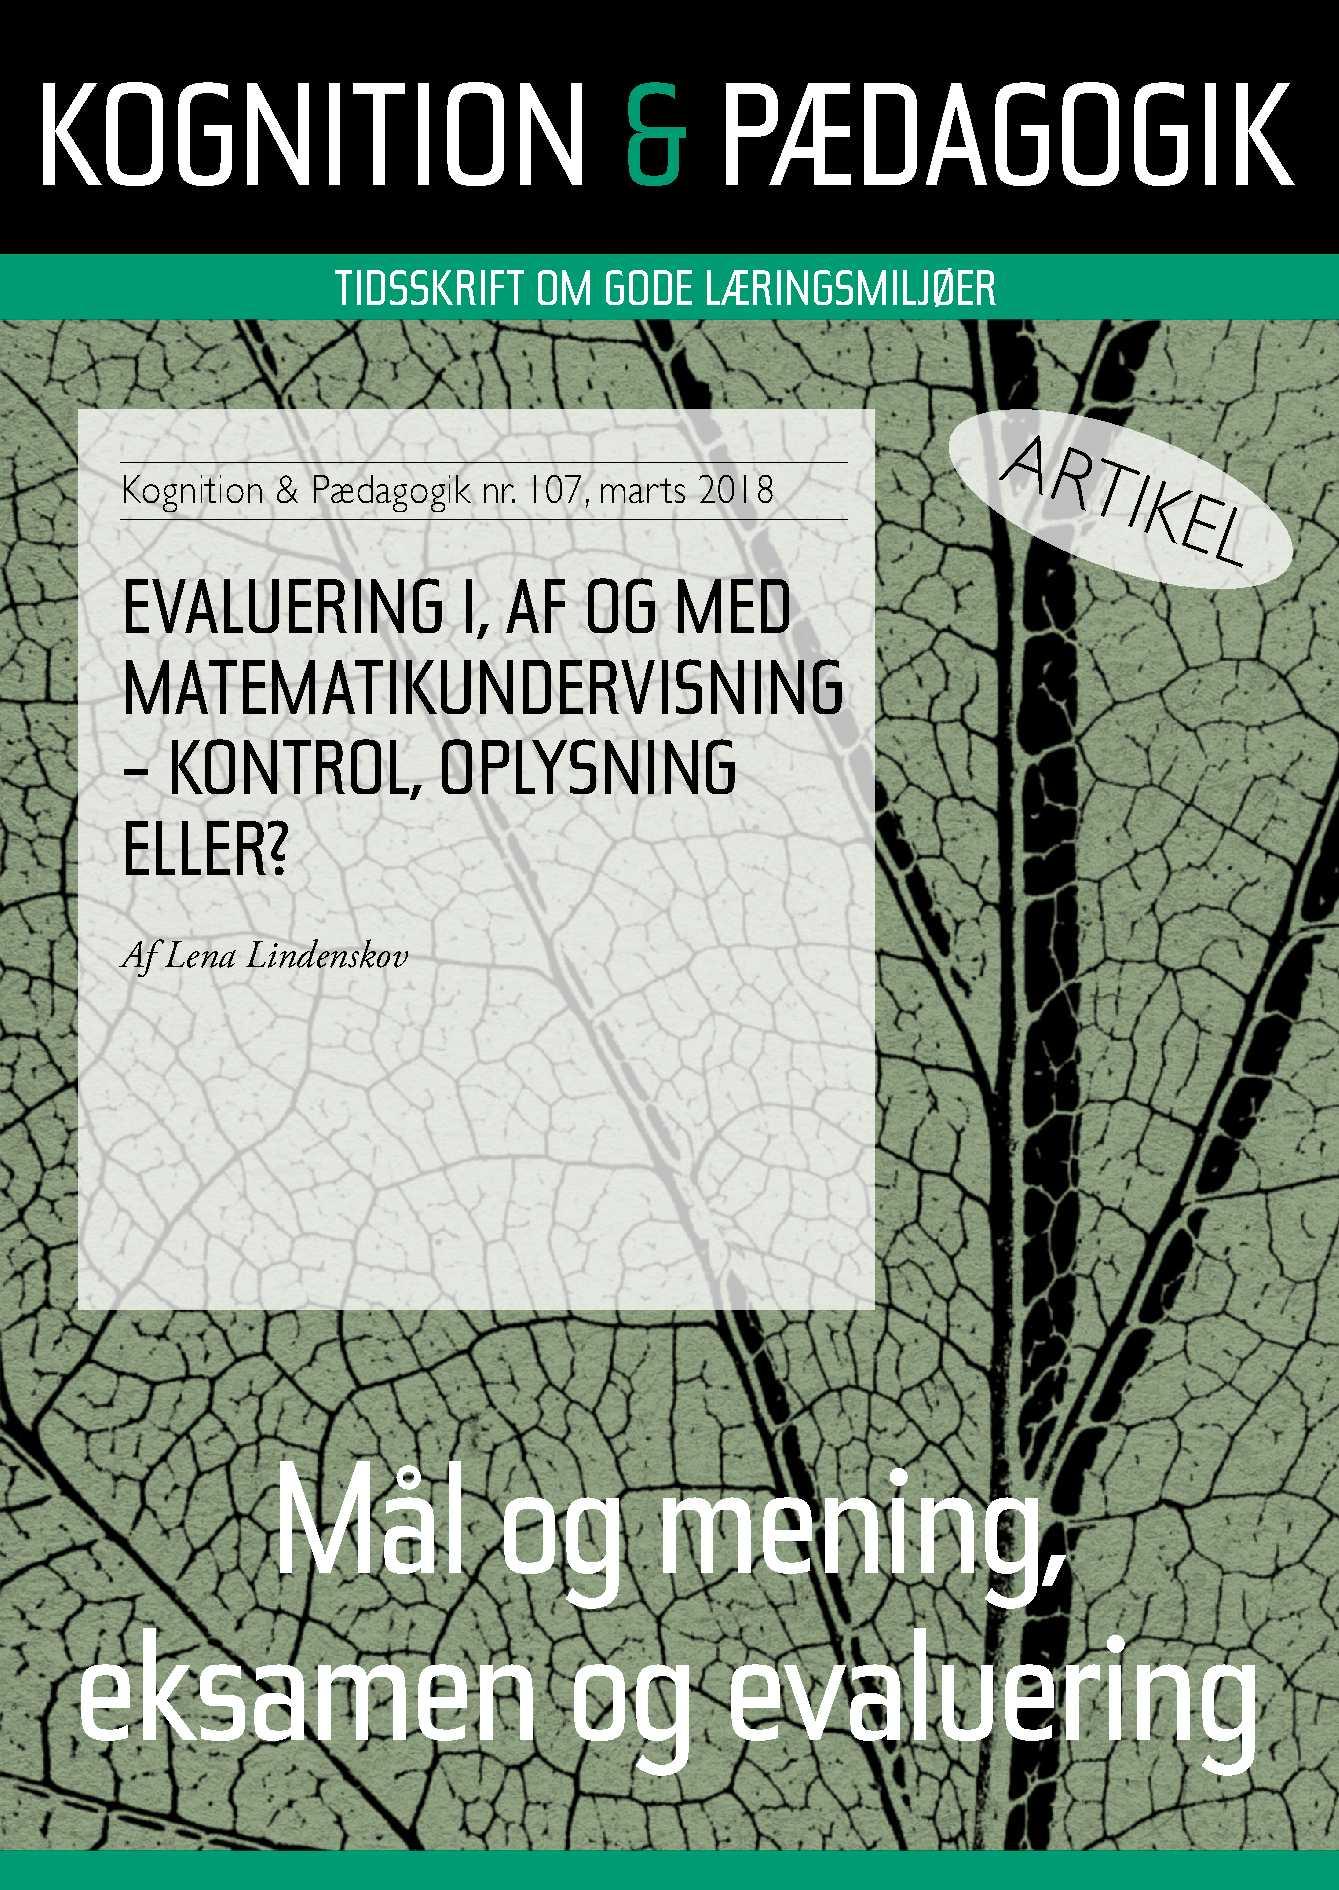 Evaluering i, af og med matematikundervisning - kontrol, oplysning eller? - E-bog